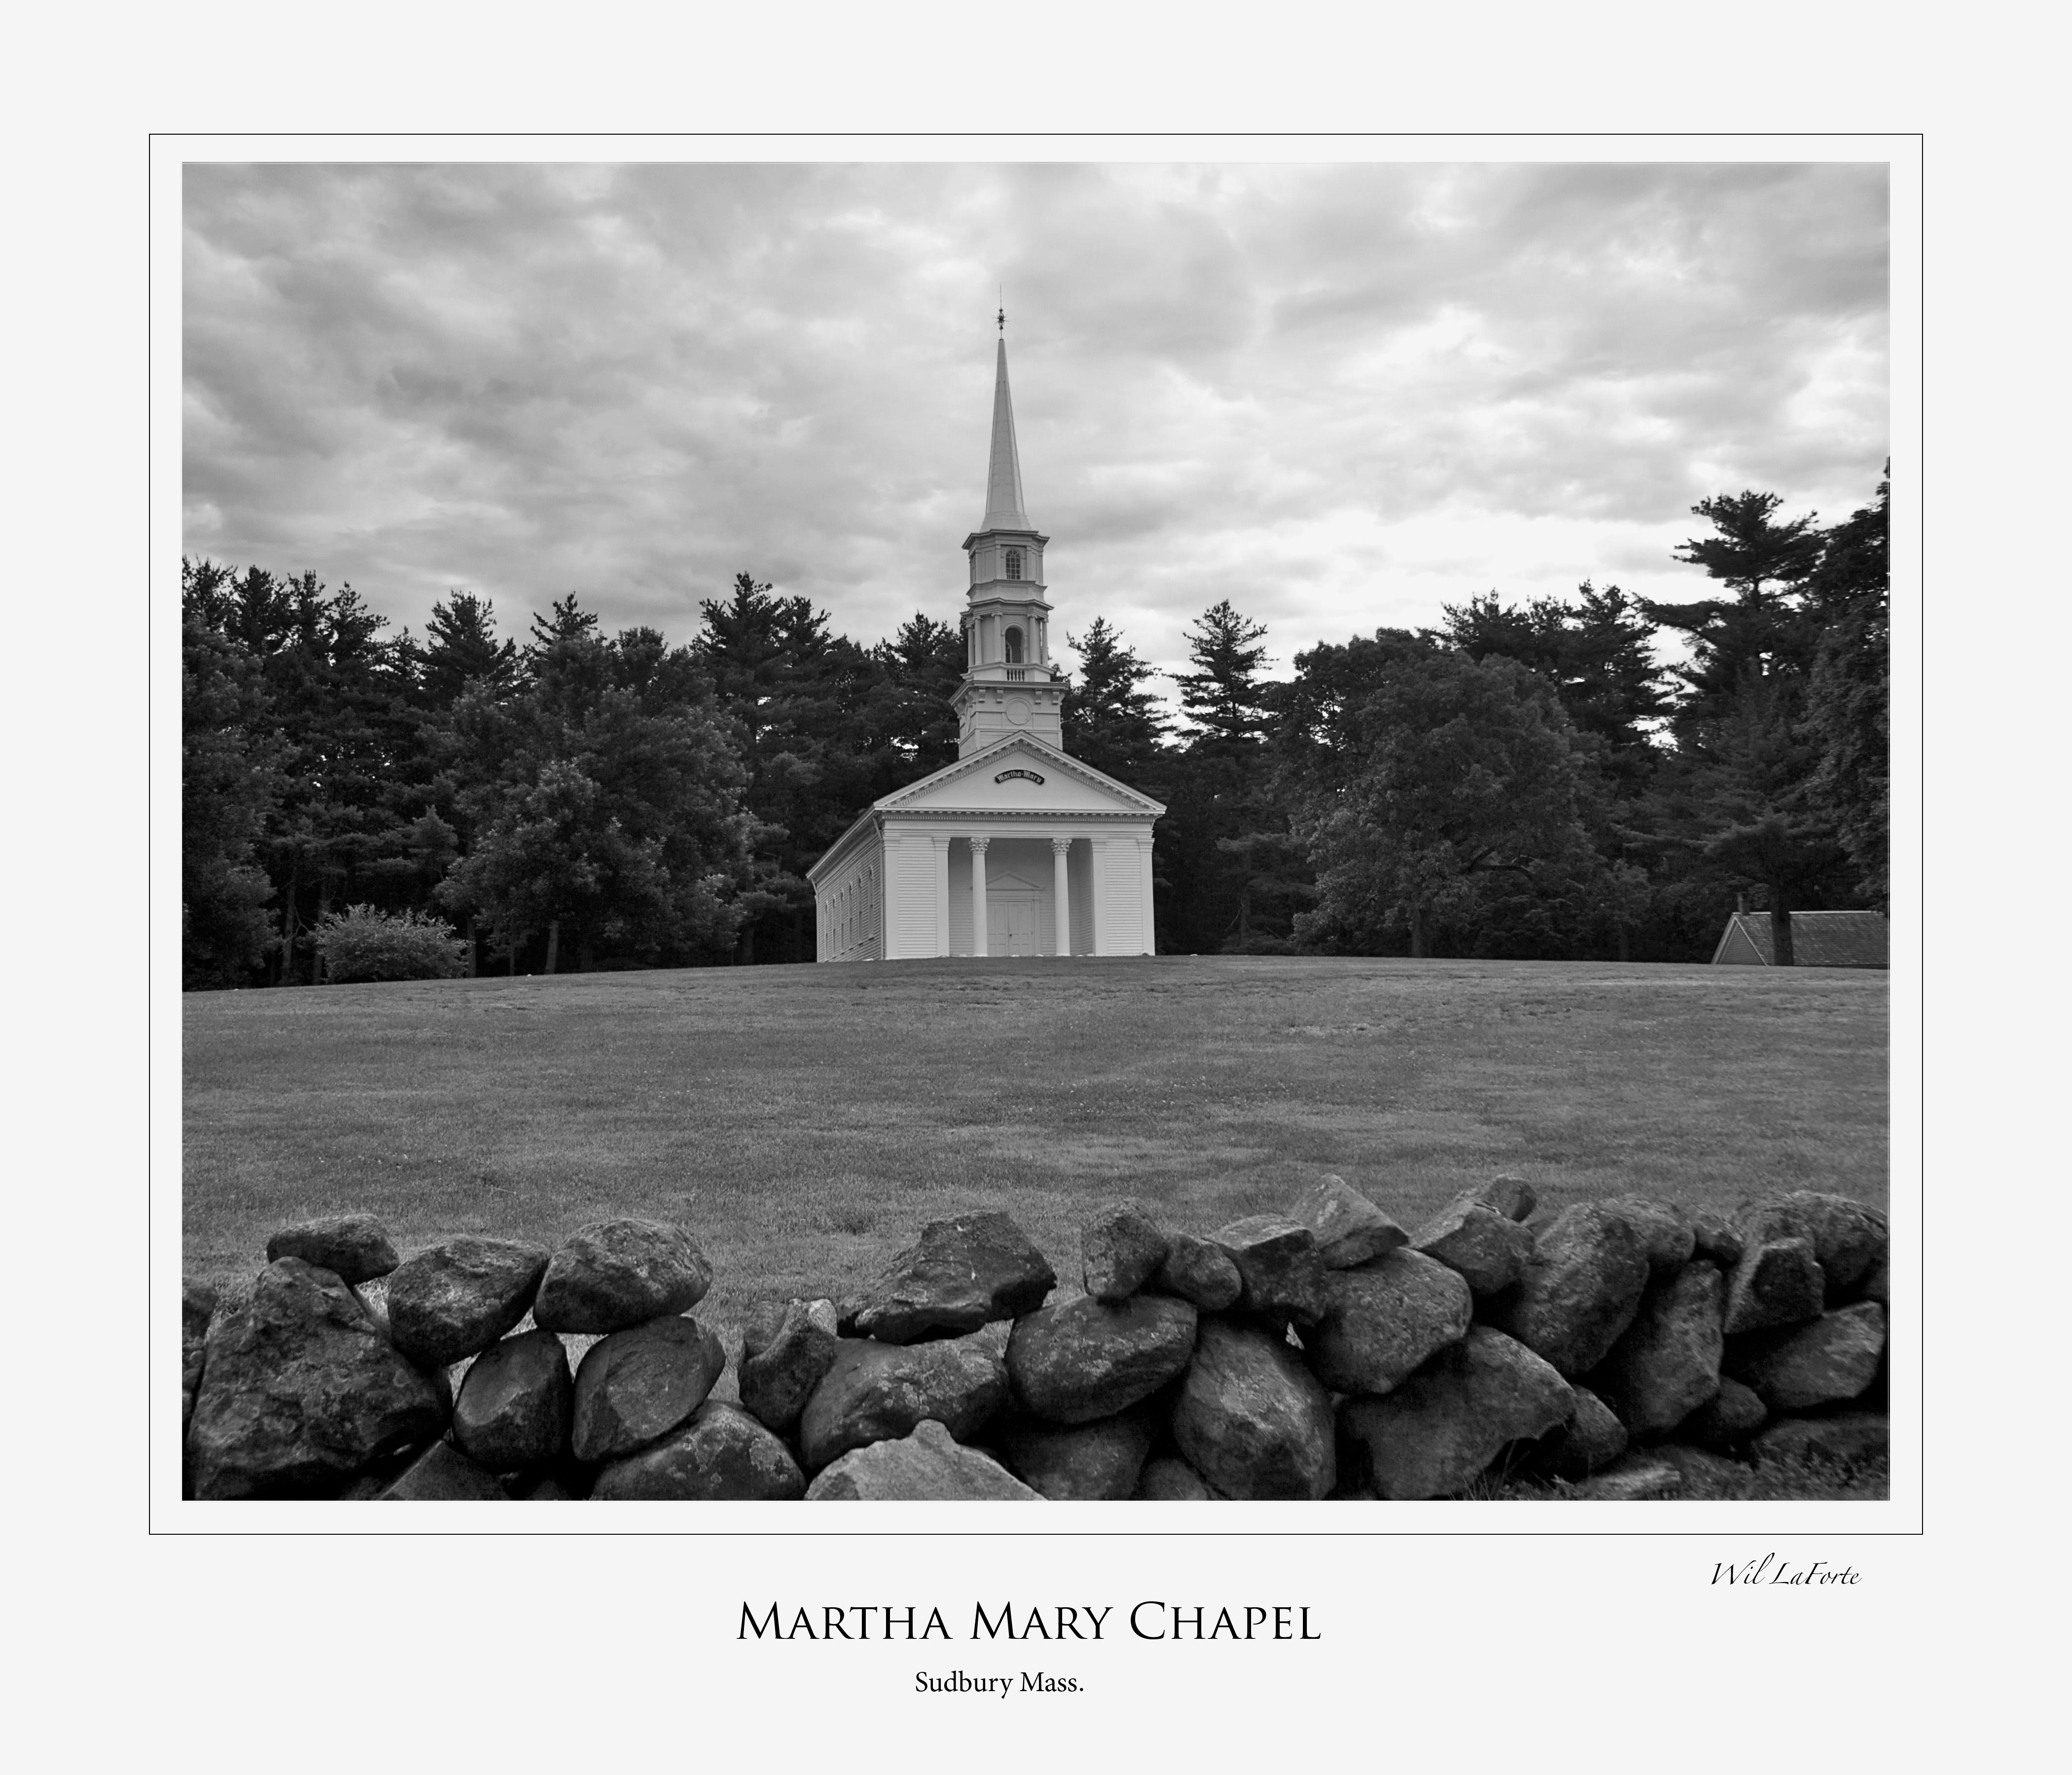 Marlboro Photo & Portrait Studio